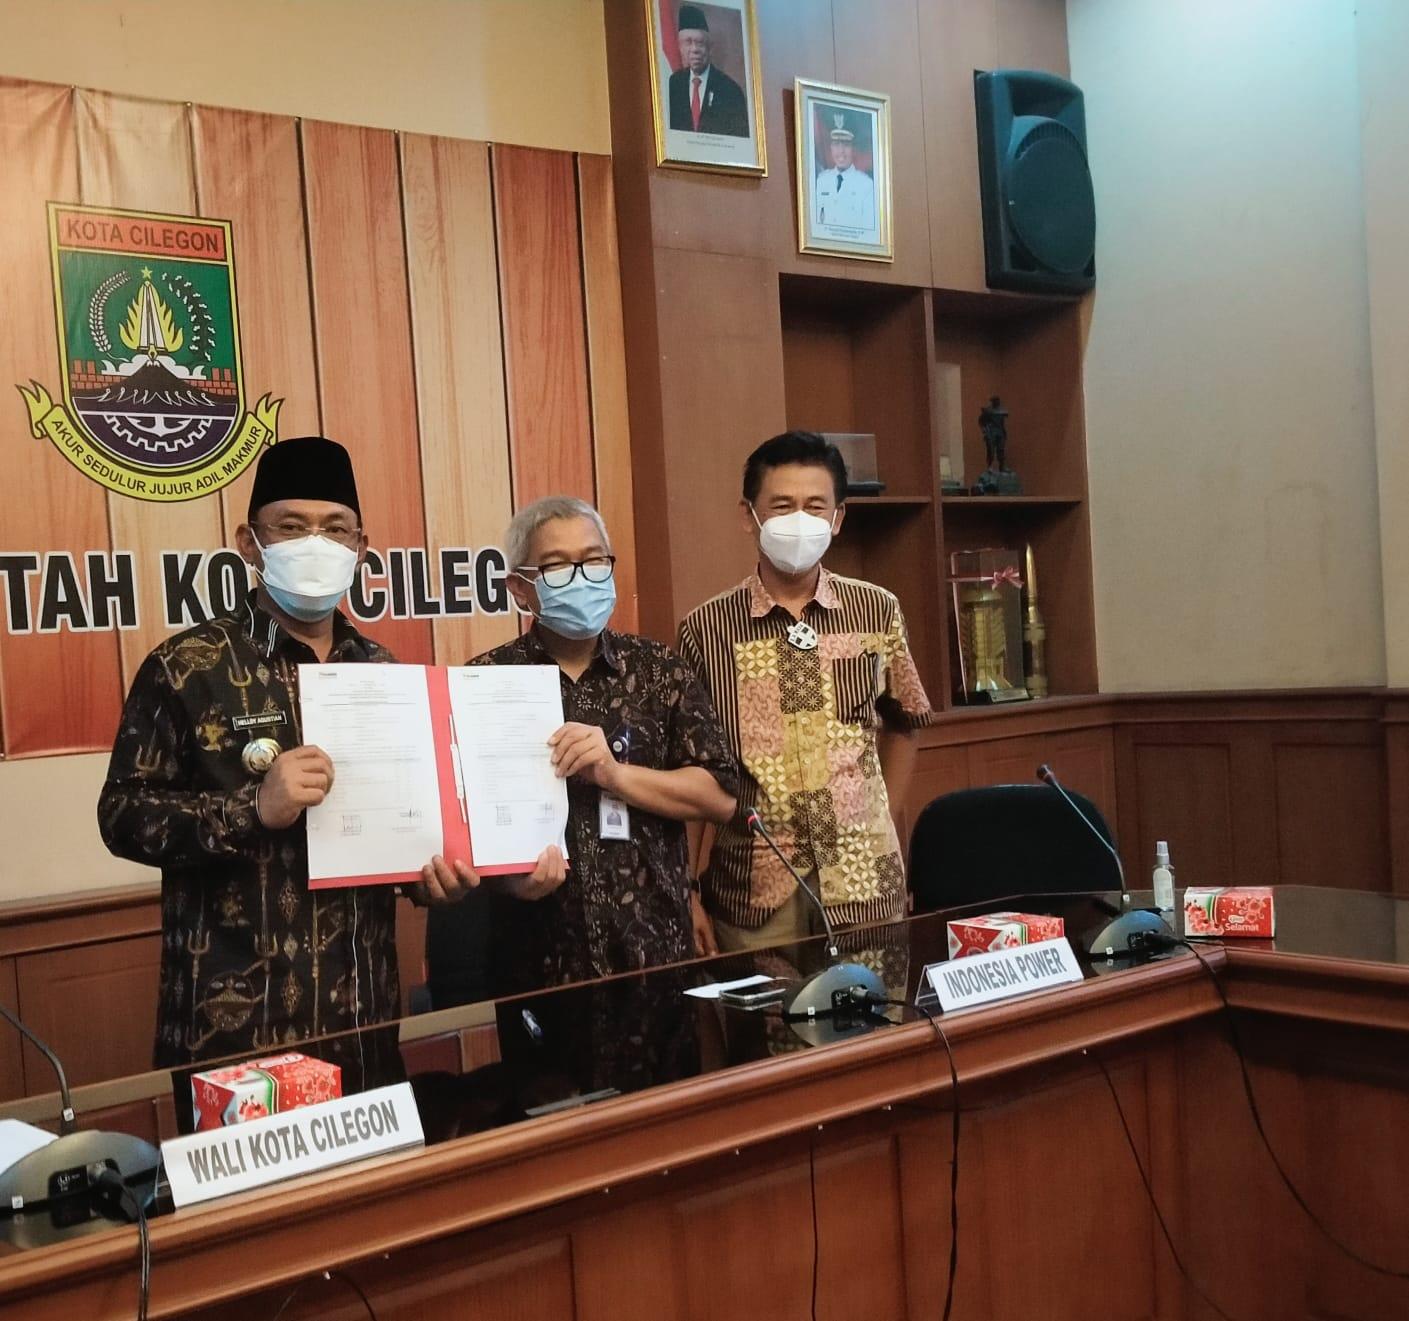 Gambar Wali Kota Jelaskan Cilegon Zona Kuning, PT Indonesia Power Beri Bantuan Penanganan Covid-19 7